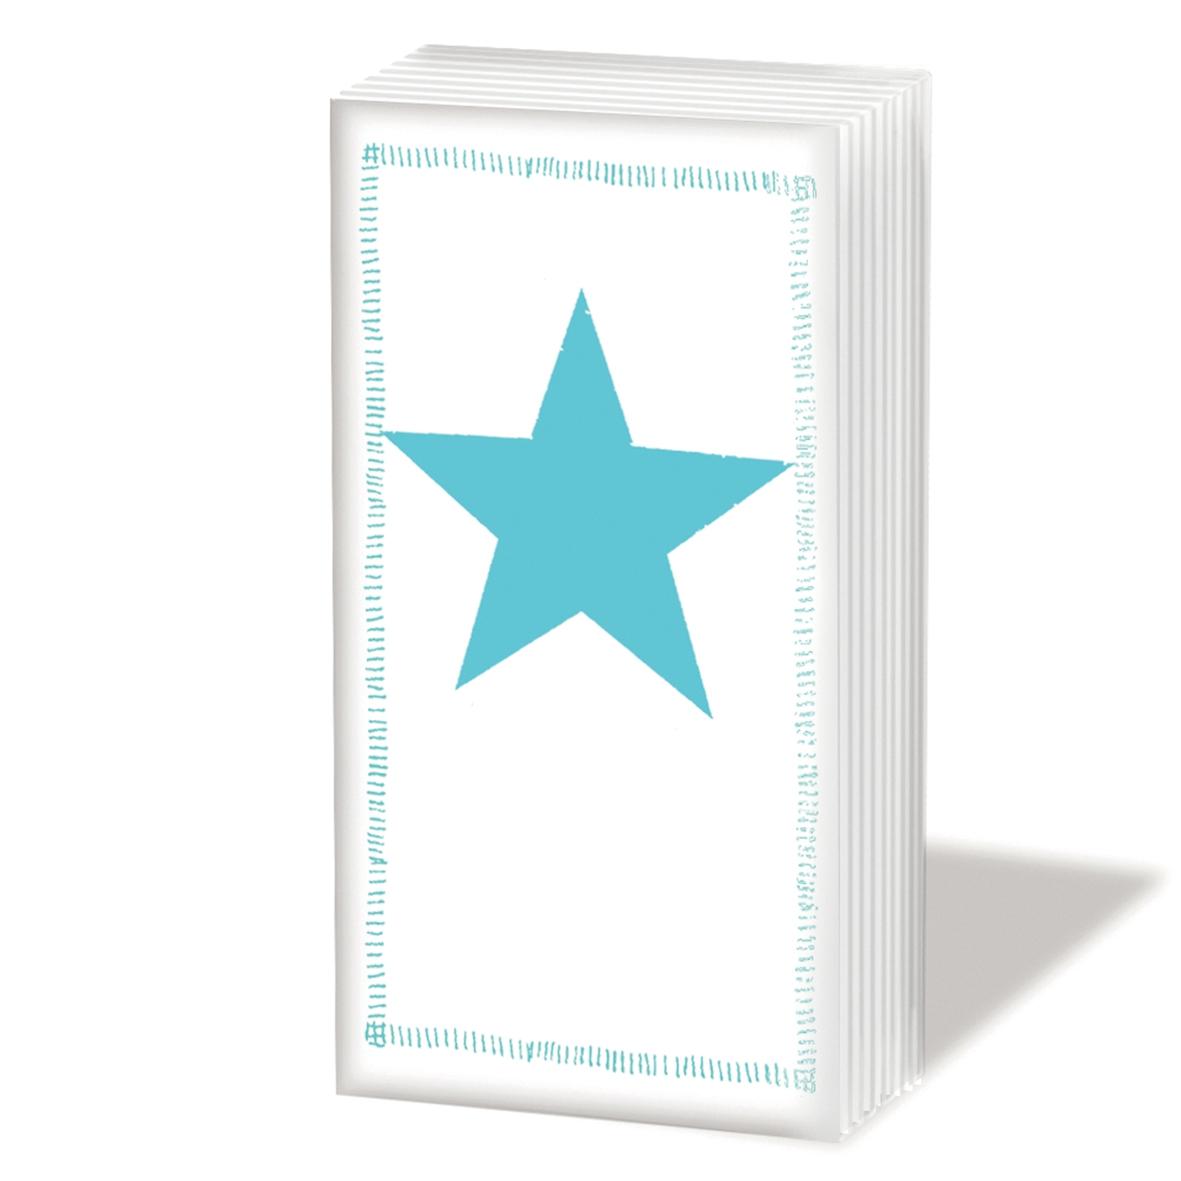 Taschentücher Gesamtübersicht,  Everyday,  bedruckte papiertaschentücher,  Sterne